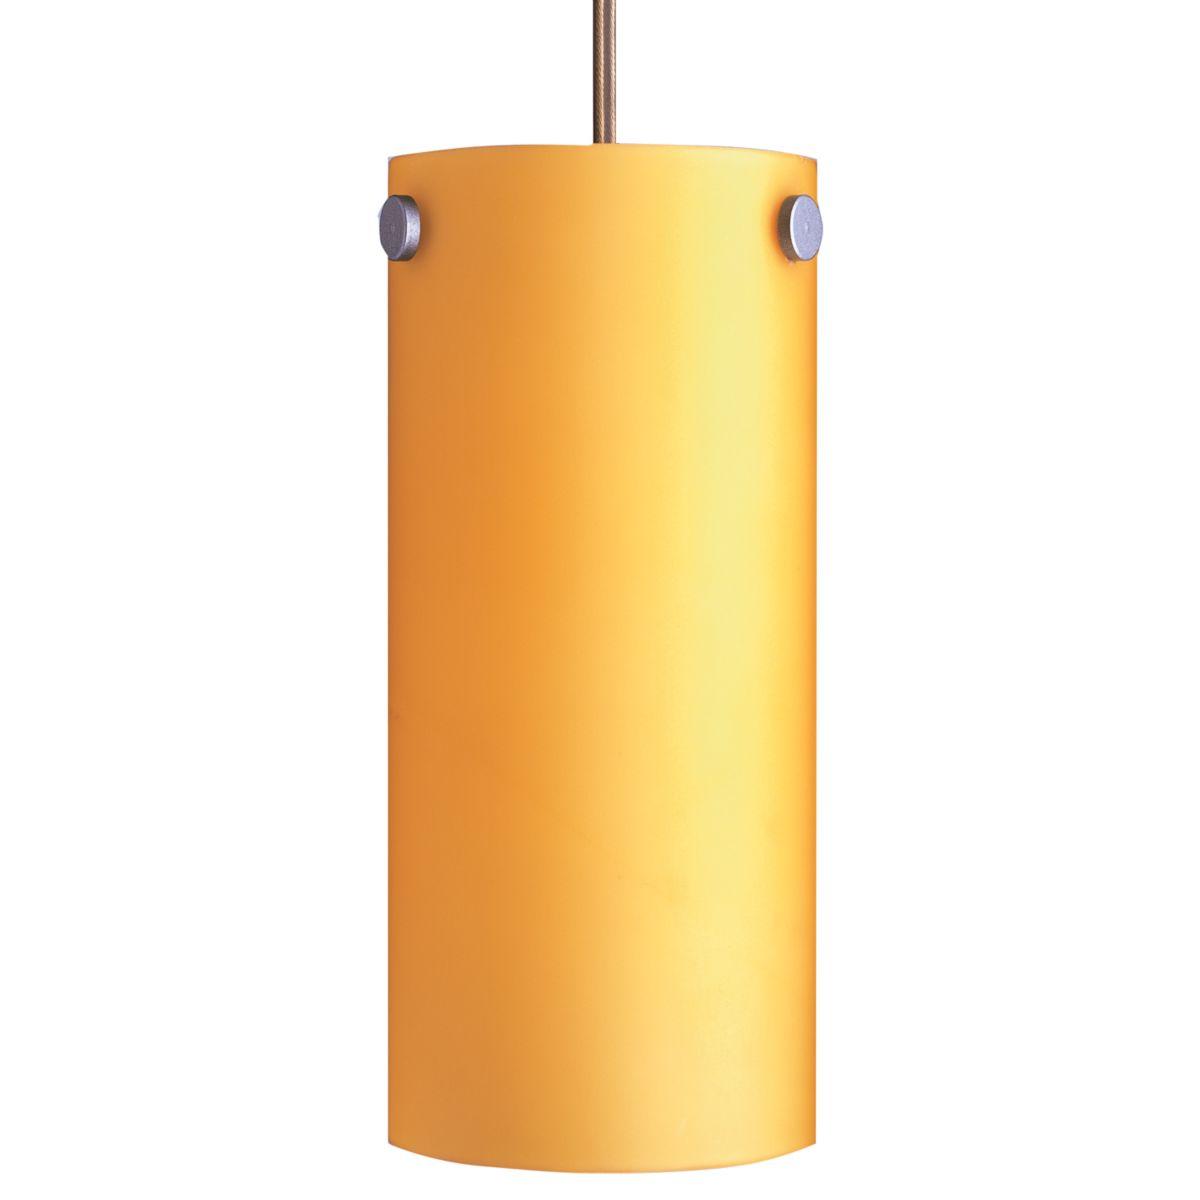 Cylinder - CYL